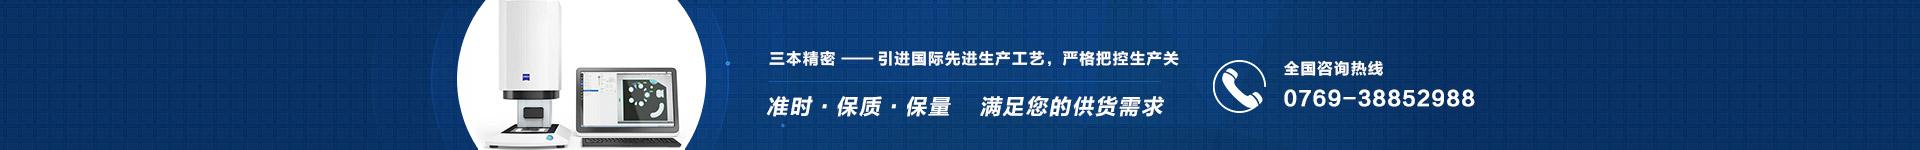 龍洲利-引領國際先進生產工藝